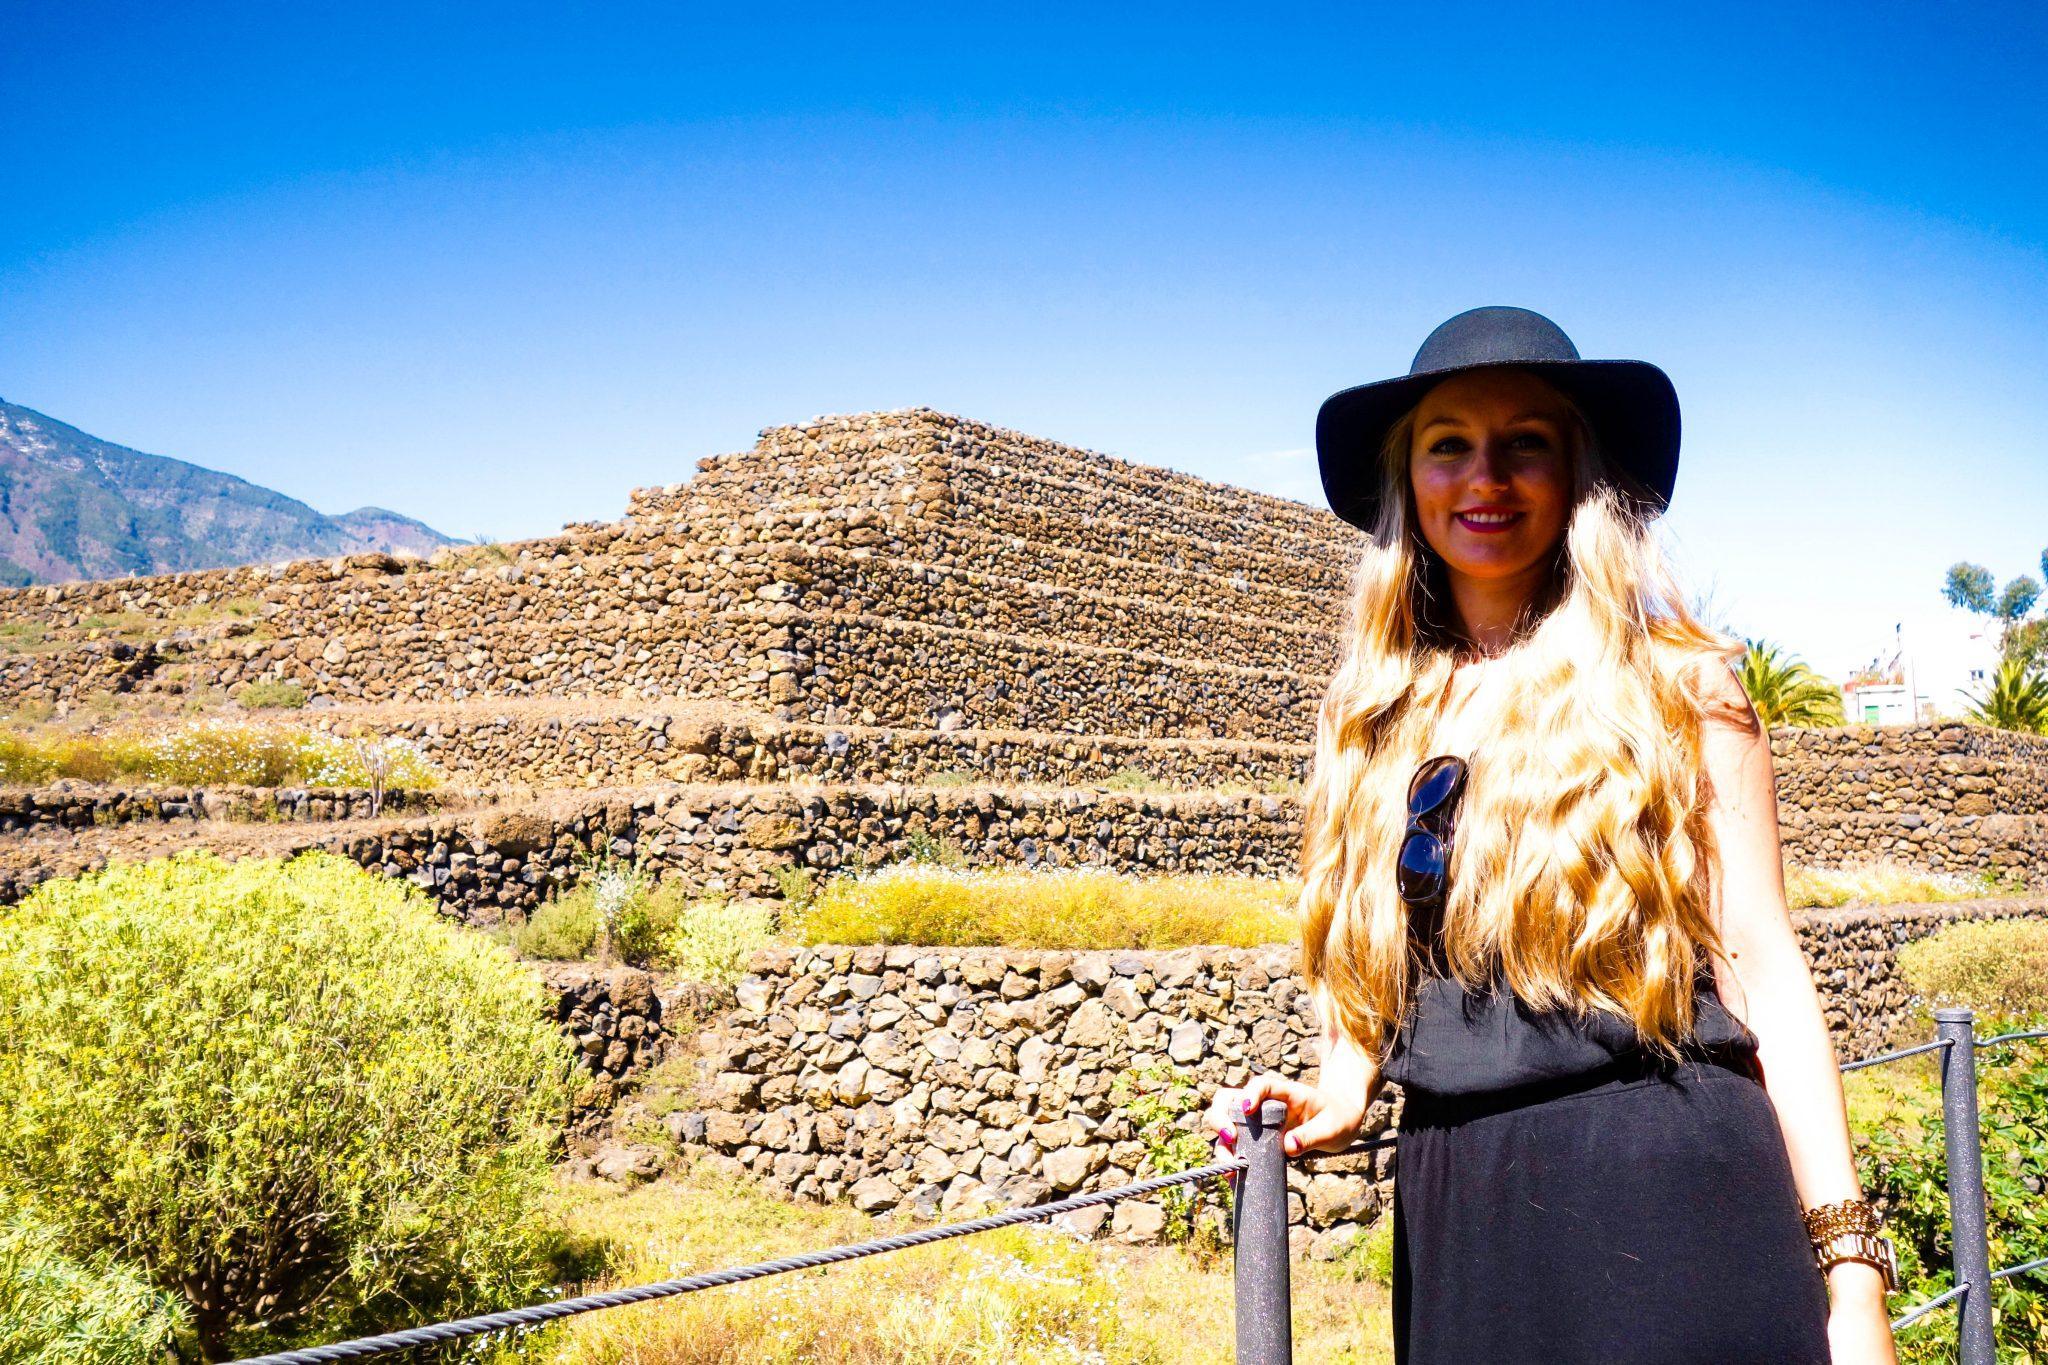 Teneriffa, Guimar: Dort stehen wirklich Pyramiden, warum und wie sie dort hingekommen ist, ist immer noch ein Rätsel für viele Forscher.